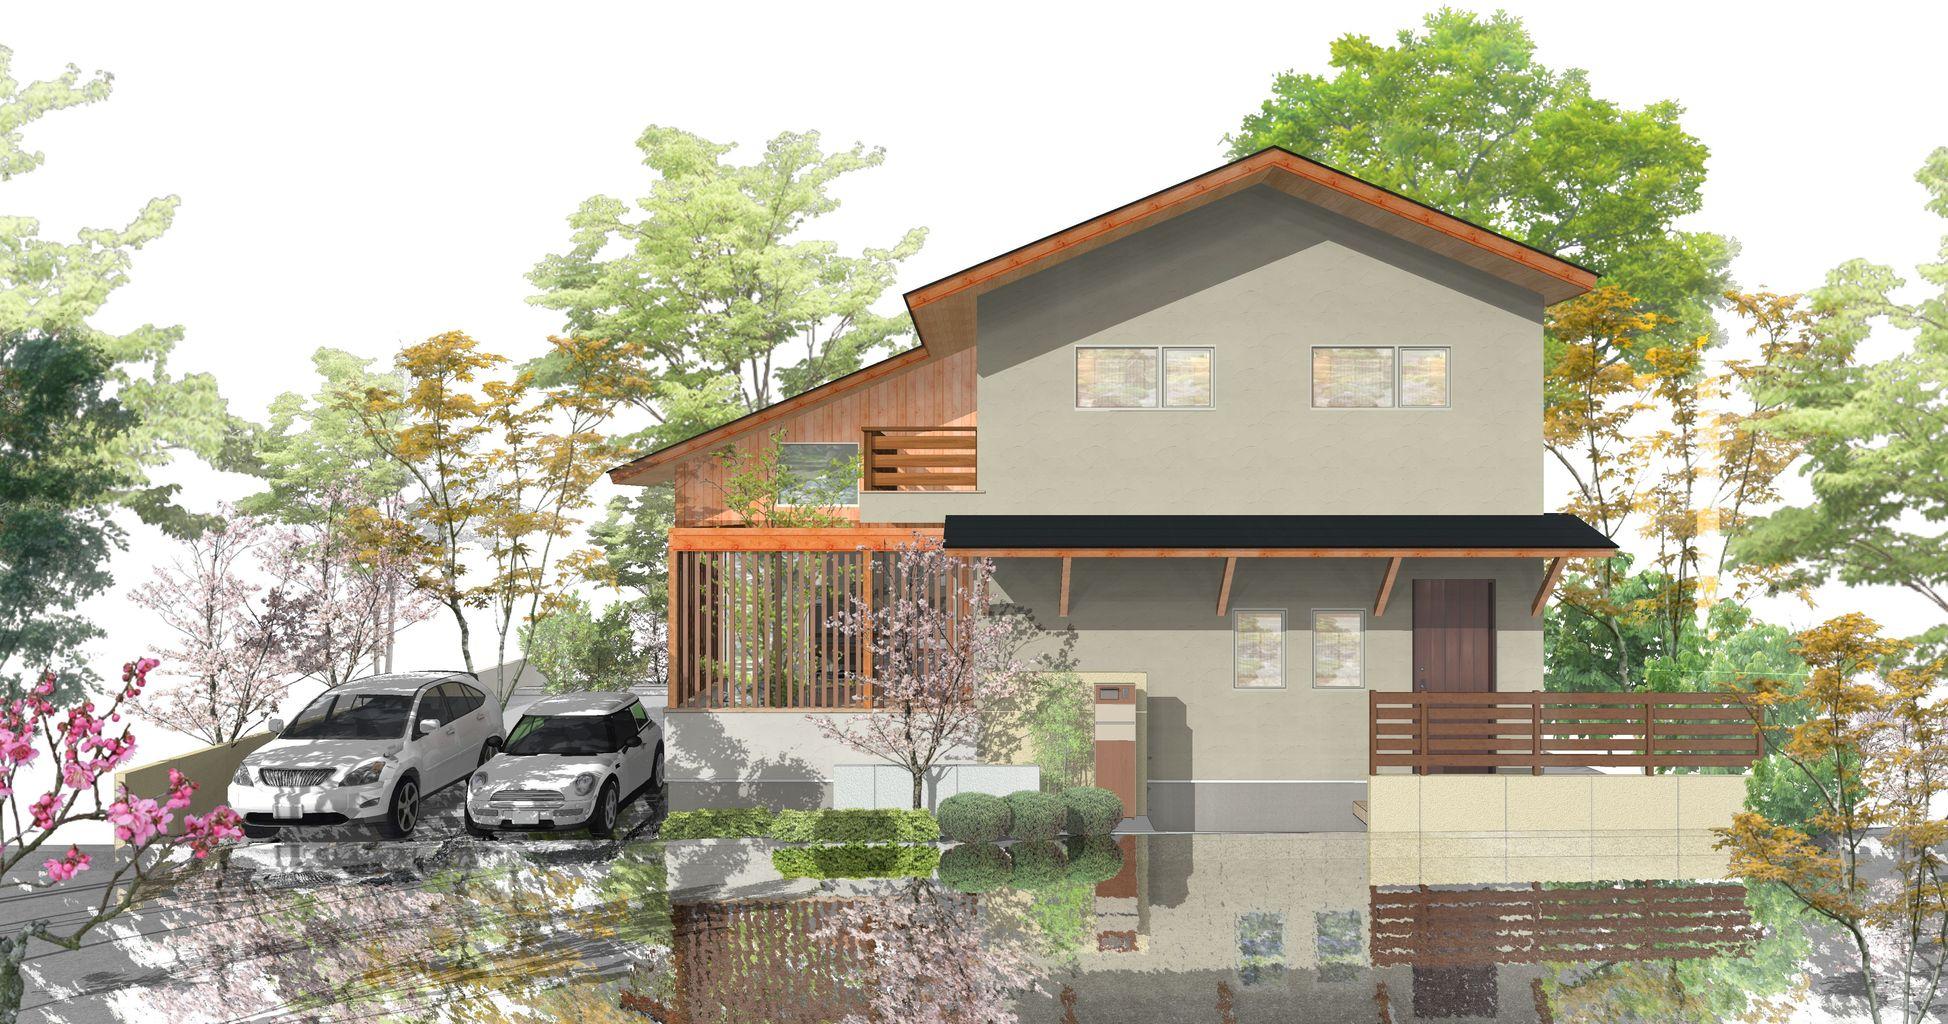 7/5東京 7/6大阪 和モダンデザイン住宅で「50棟ビルダーの作り方」